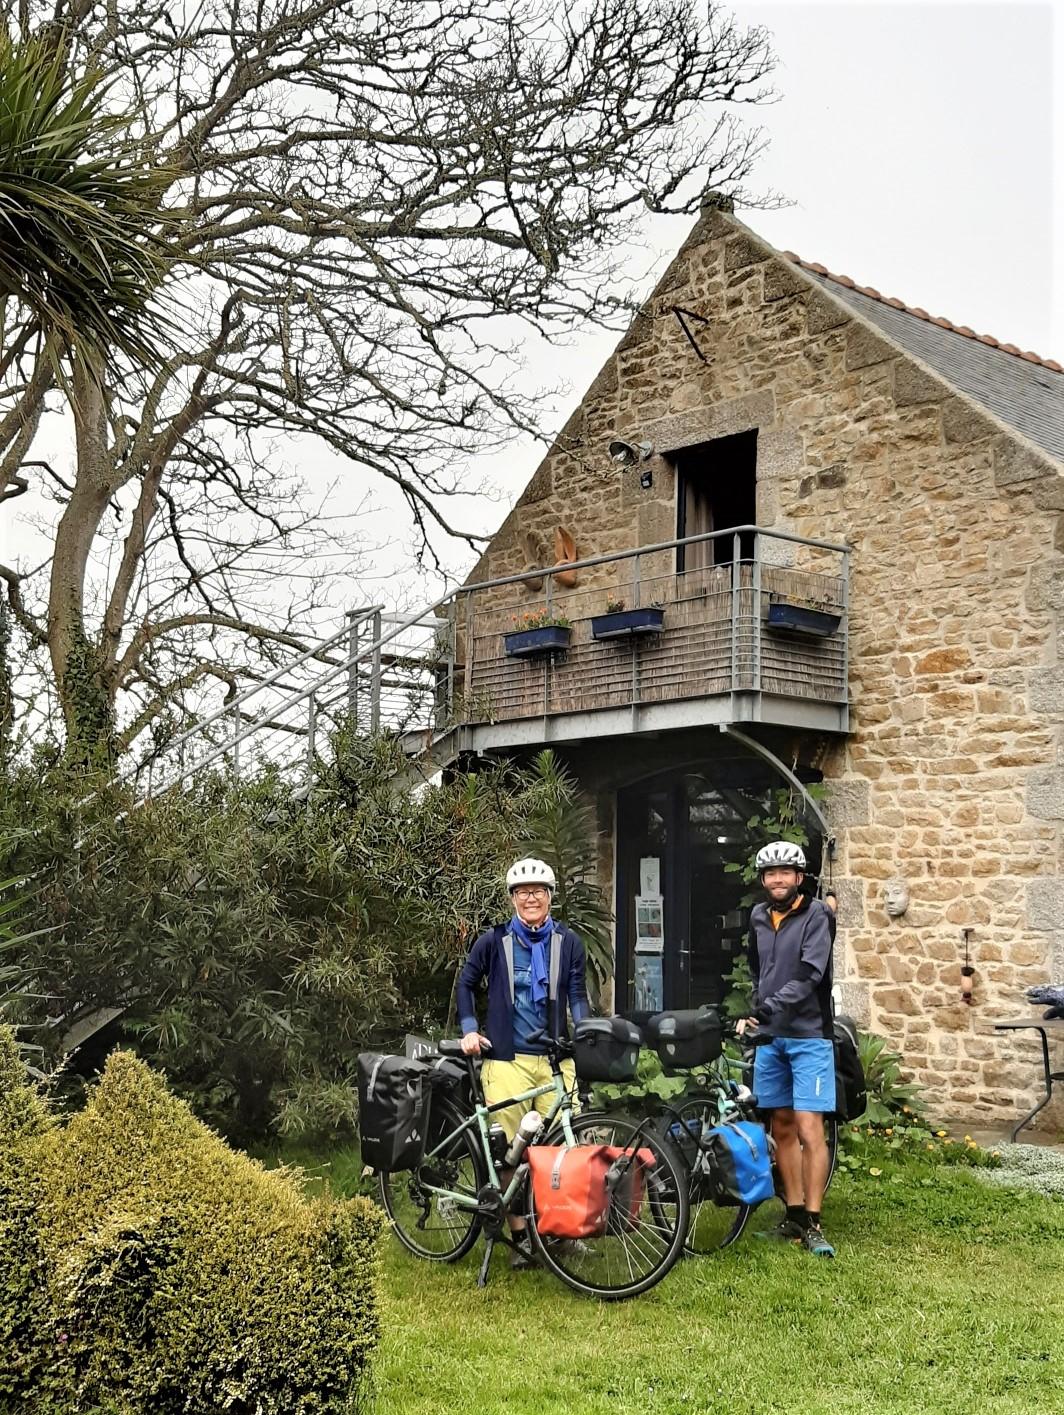 2 voyageurs en vélo